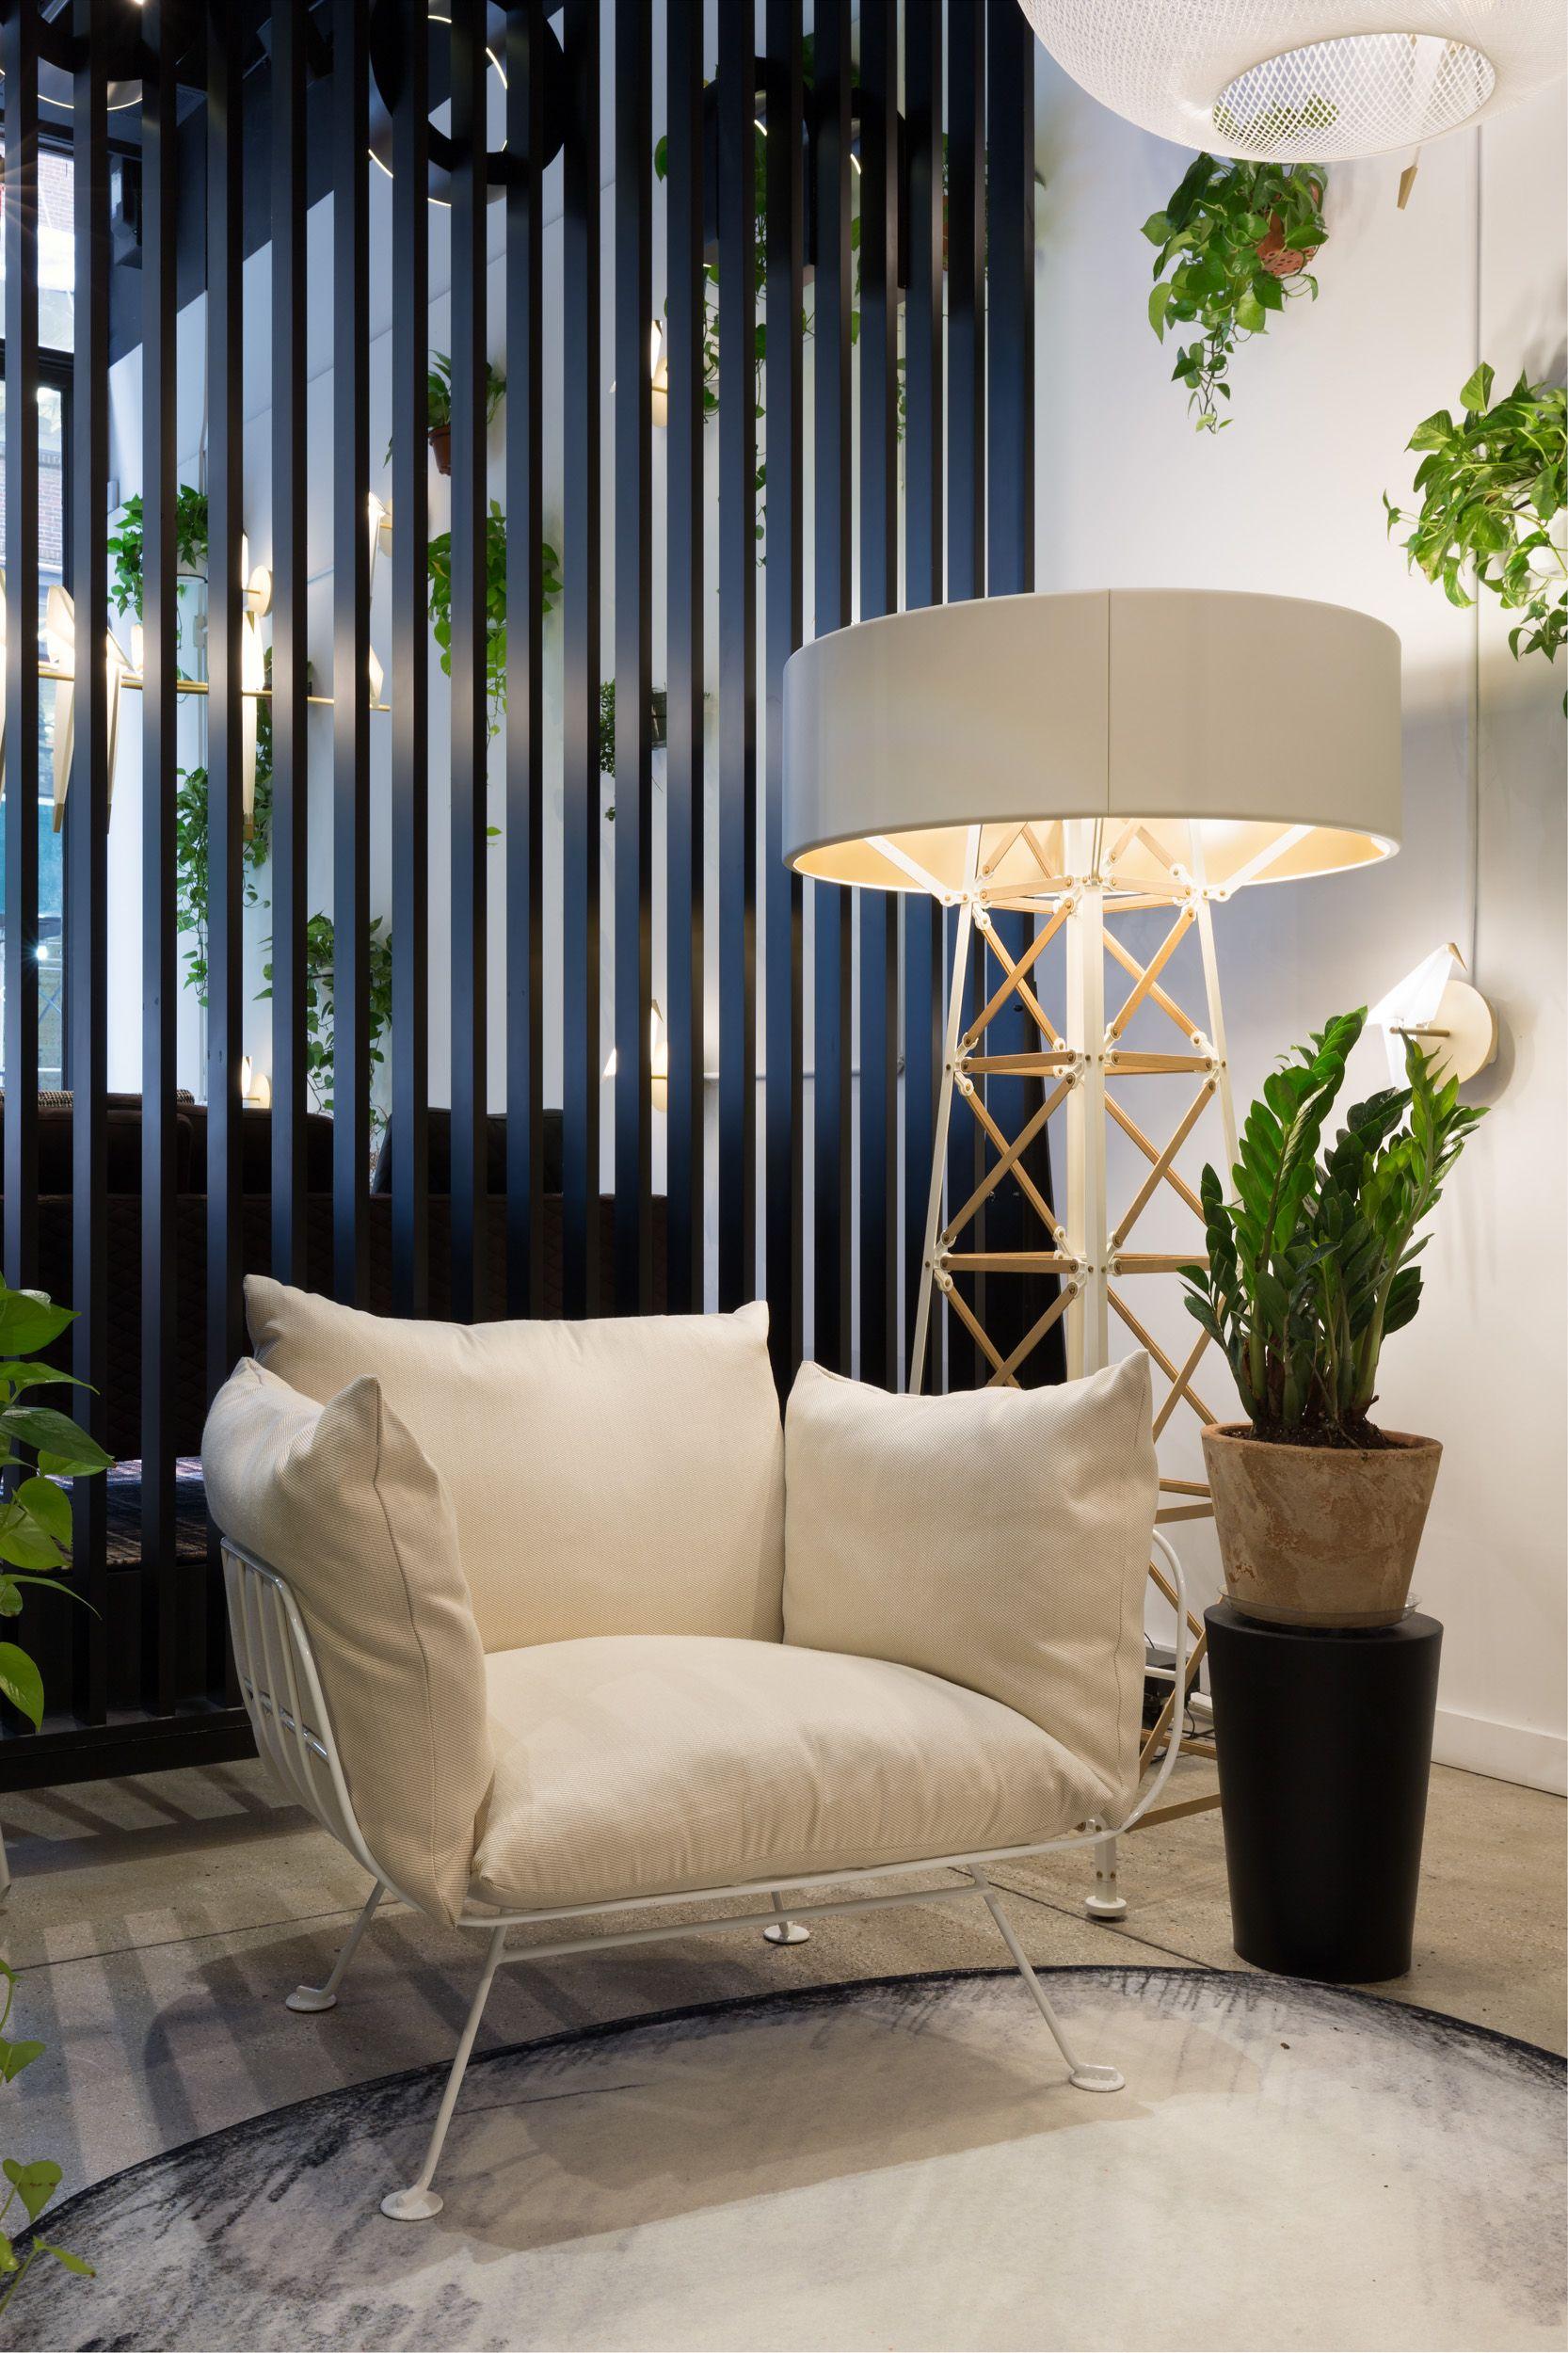 Construction Lamp By Joost Van Bleiswijk Nest Chair Perfect Living Room Moooi